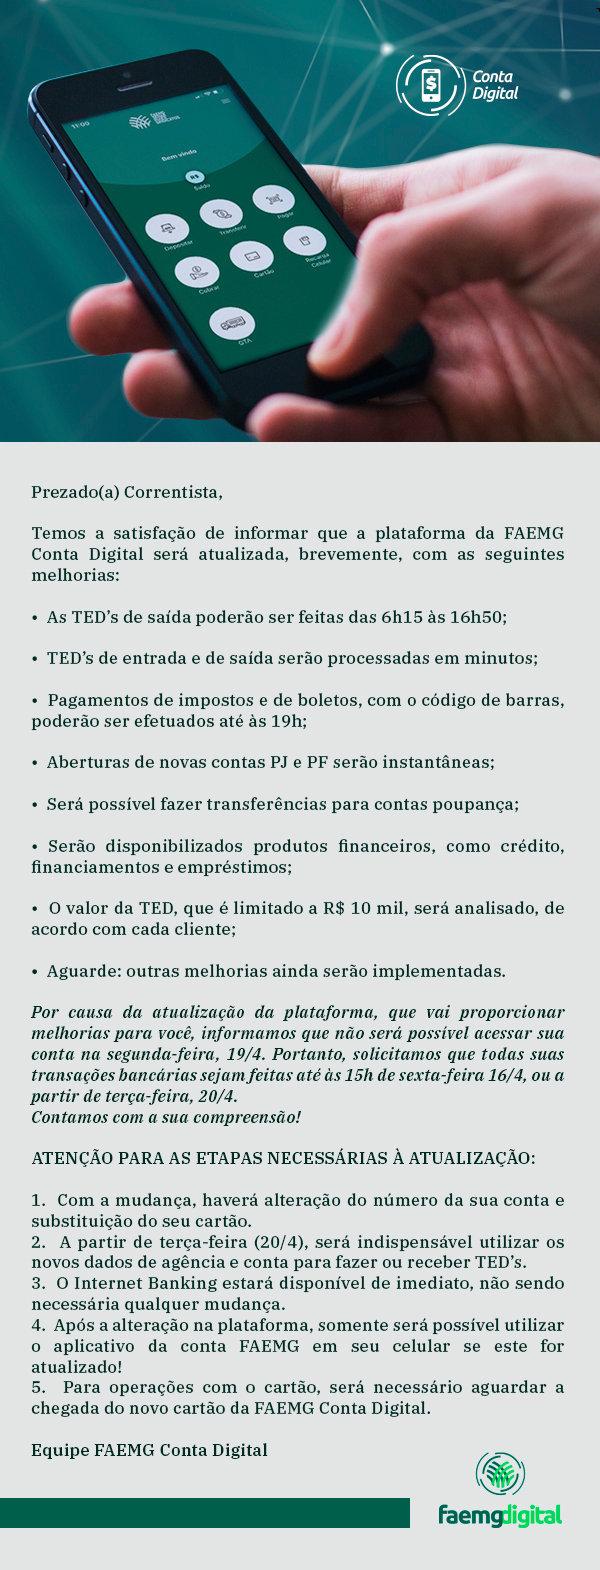 e-mail_MKT_Comunicado.jpg